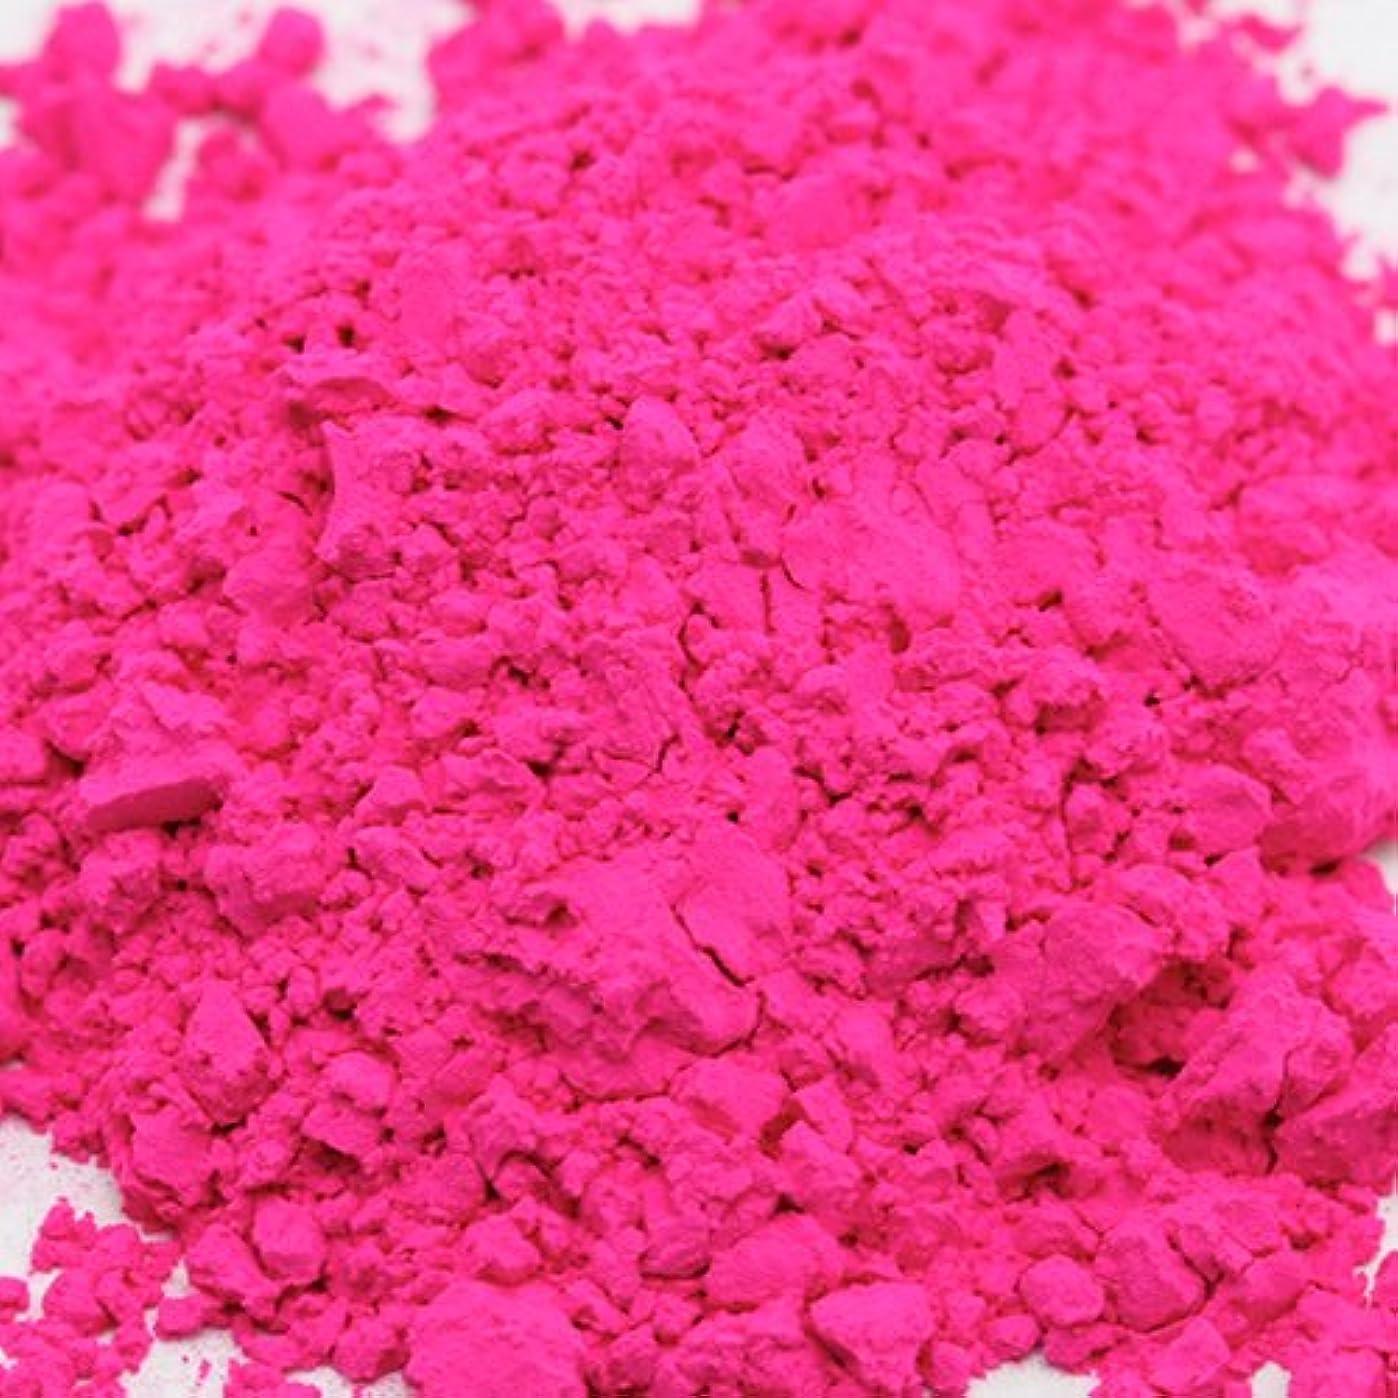 飛ぶ懐疑論いつでもキャンディカラー ピンク 5g 【手作り石鹸/手作りコスメ/色付け/カラーラント】